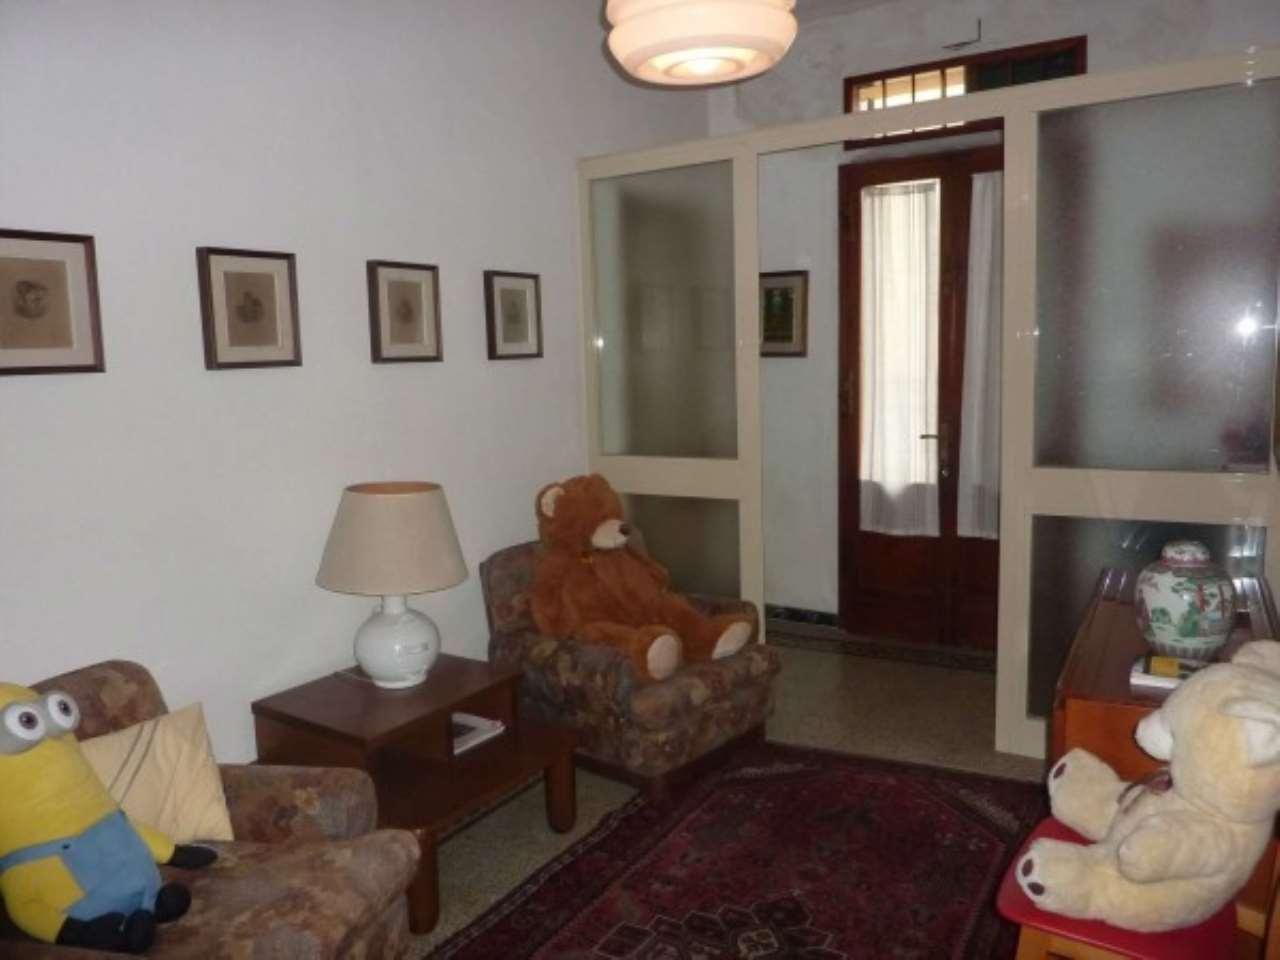 Palazzo / Stabile in vendita a Agliana, 6 locali, prezzo € 120.000 | CambioCasa.it